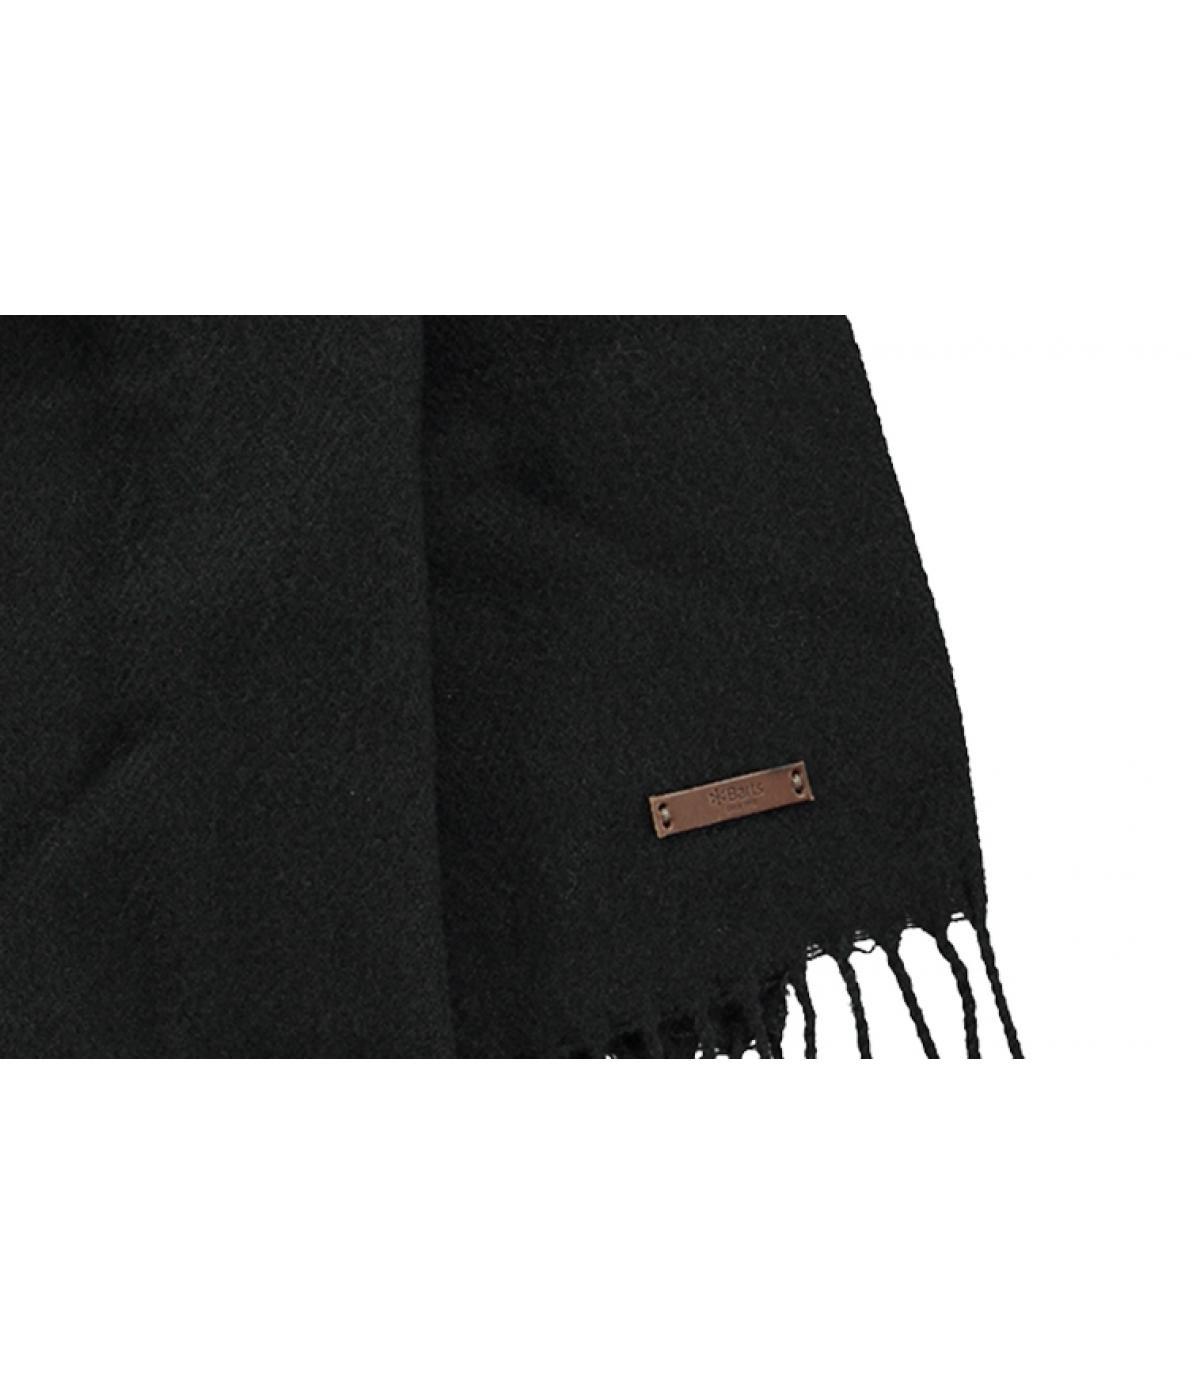 Details Soho sjaal zwart - afbeeling 2